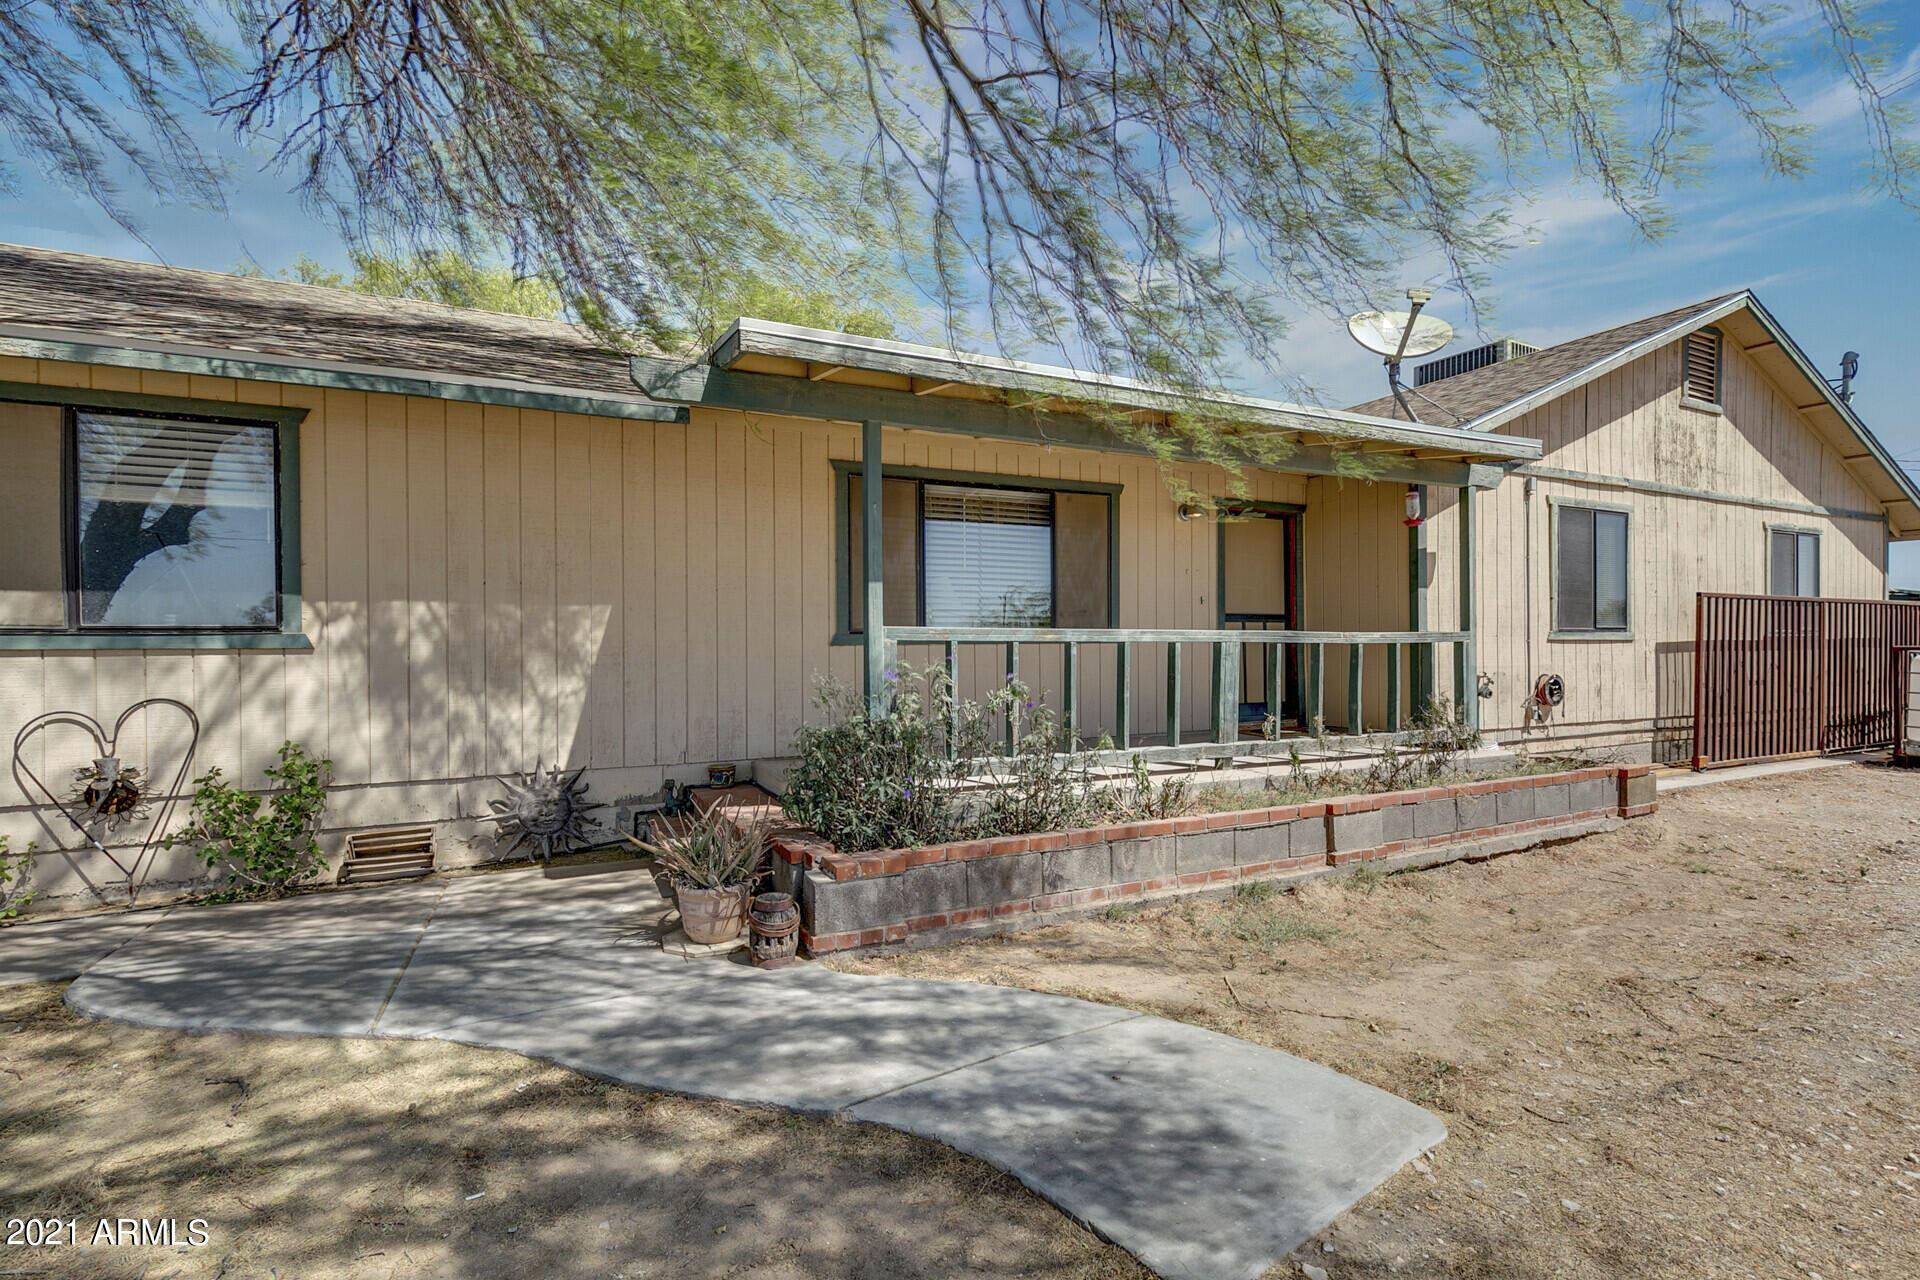 1006 N 194TH Avenue, Buckeye, AZ 85326 - MLS#: 6240533